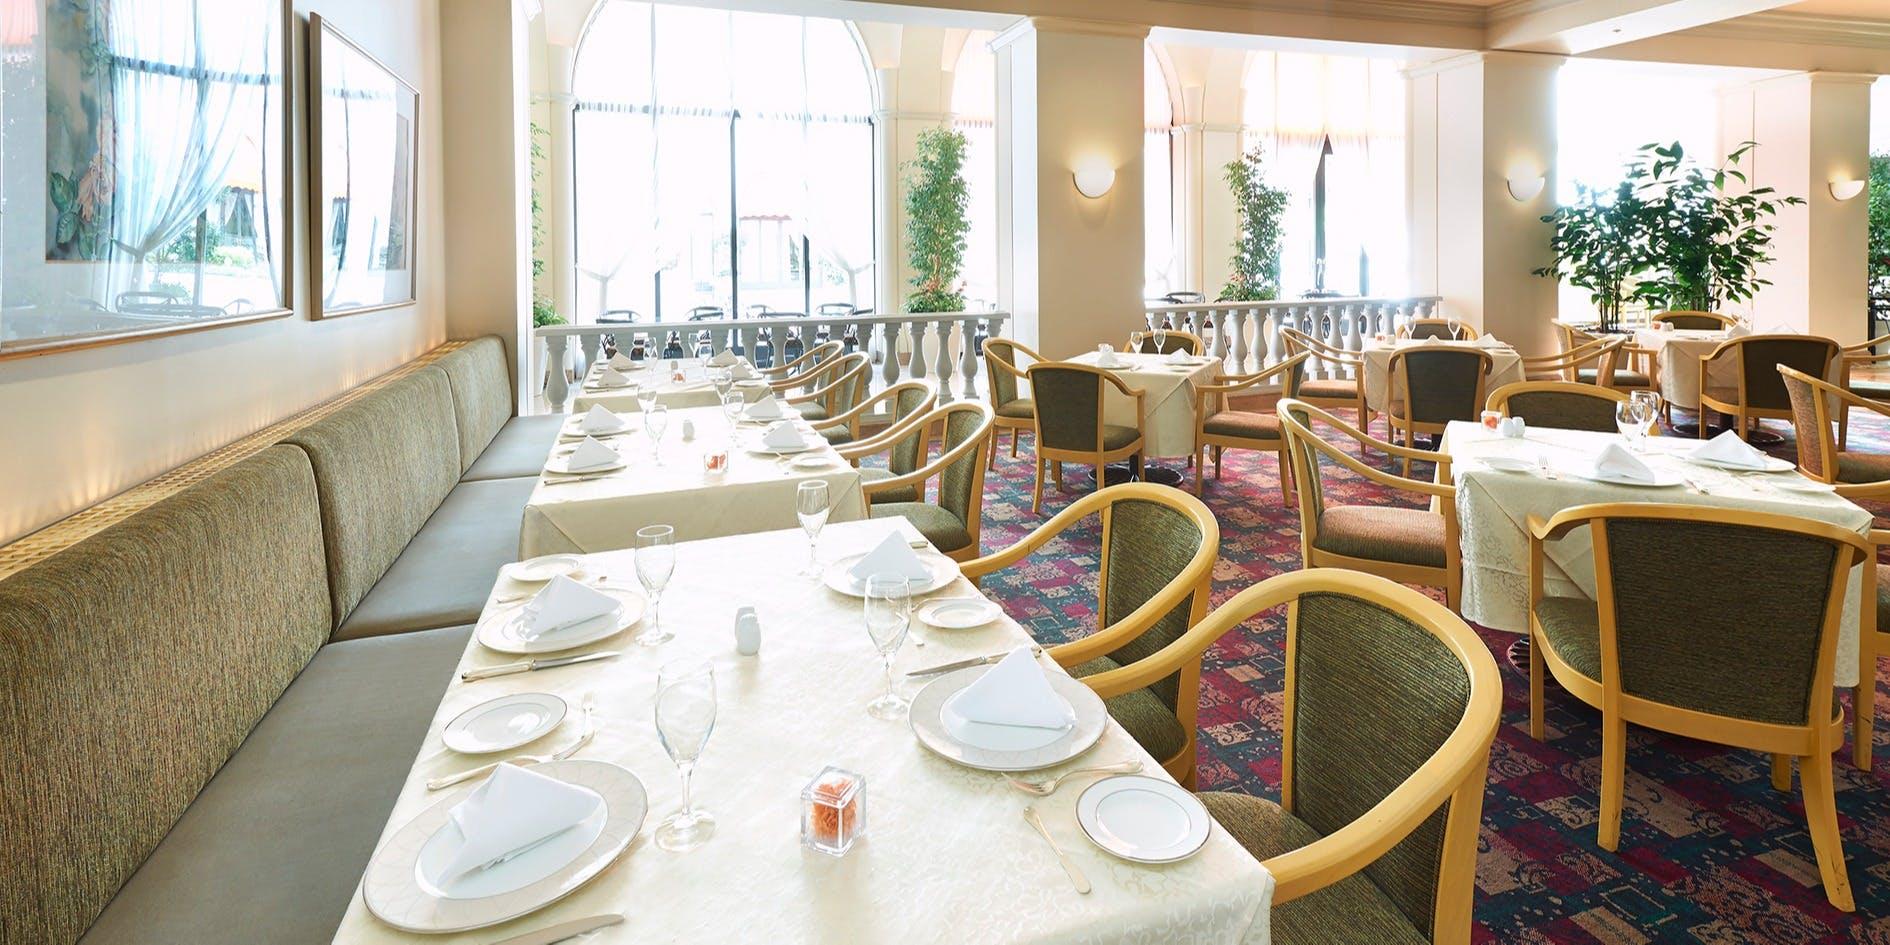 記念日におすすめのレストラン・レストラン フォンタナ/ホテルオークラ東京ベイの写真2